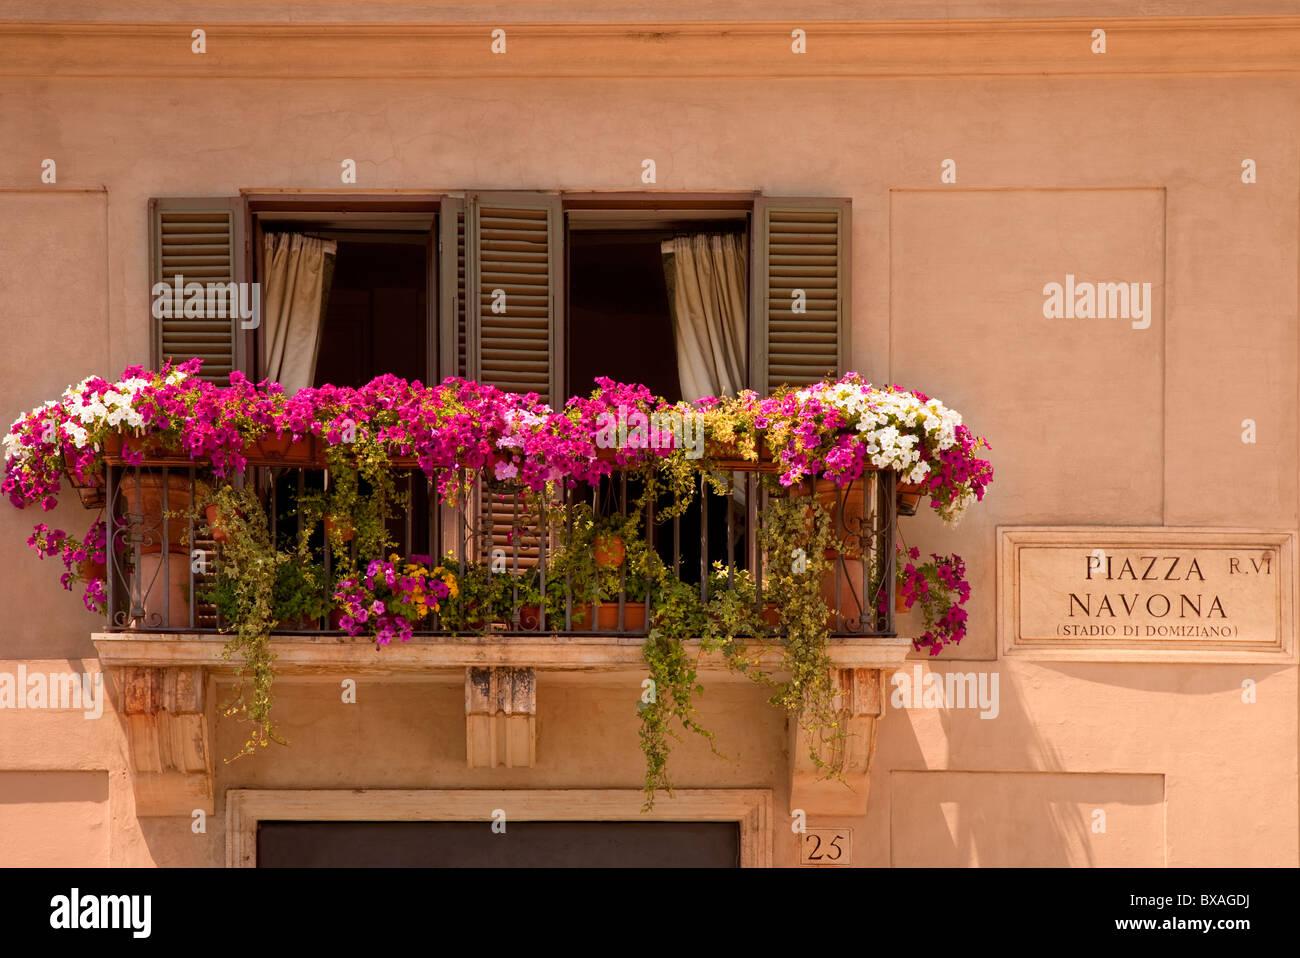 Flores en un balcón con vistas a la Piazza Navona en Roma Lazio Italia Imagen De Stock